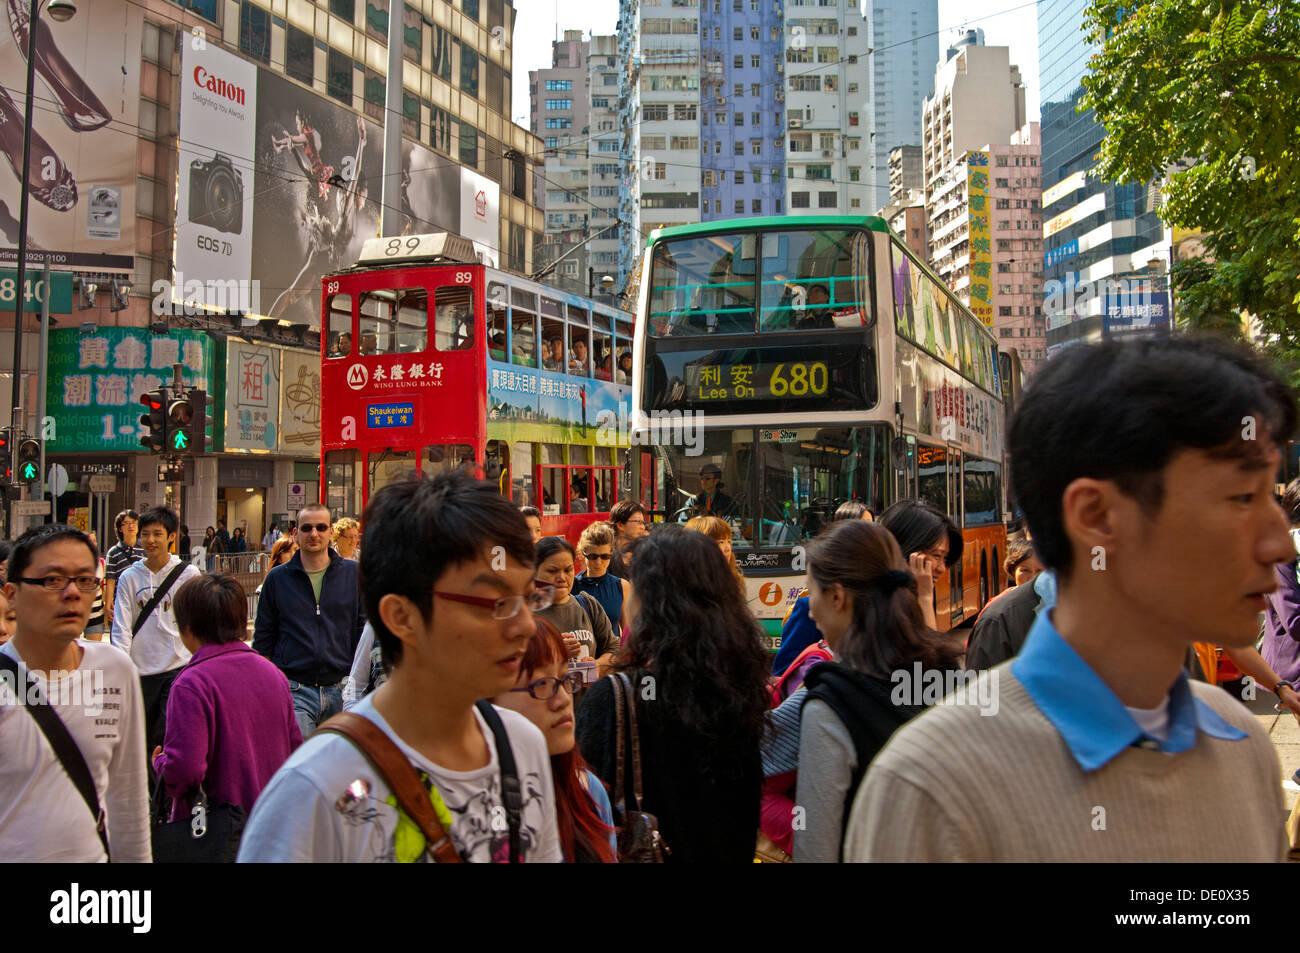 Crowd-Szene während der Rush Hour in den schmalen Einkaufsstraßen in Central District, Hong Kong Stockbild